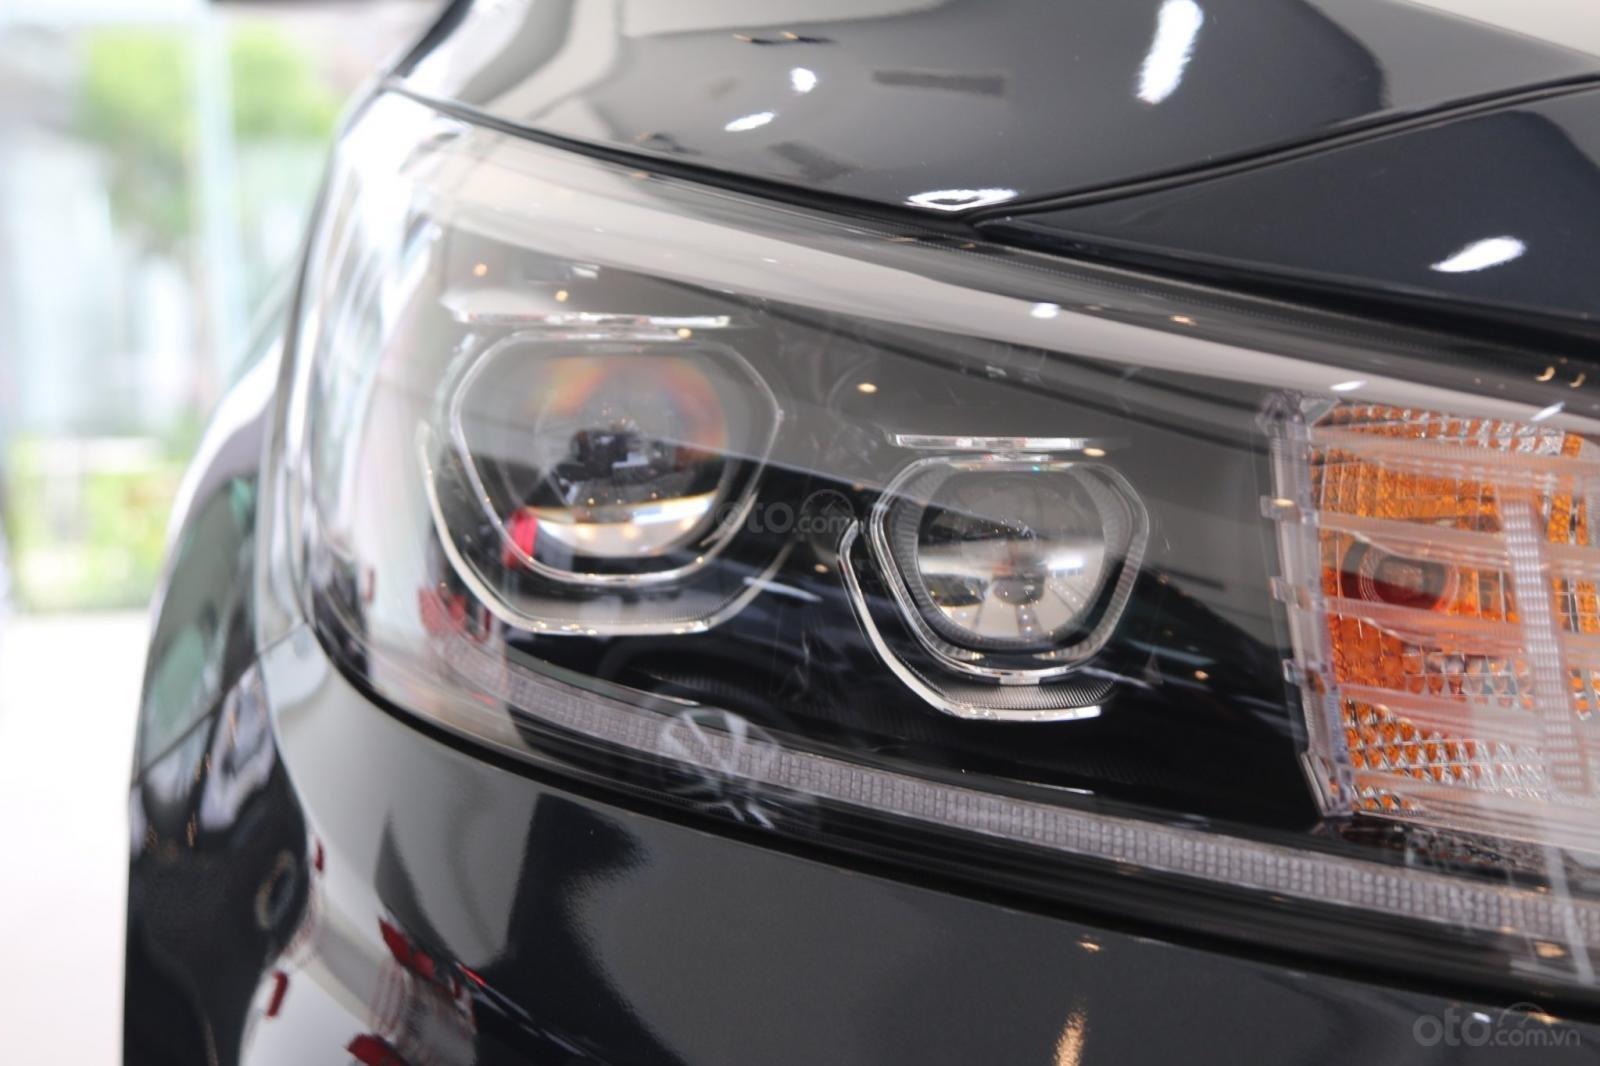 Kia Sedona - giảm giá tiền mặt / tặng bảo hiểm + camera hành trình - liên hệ PKD Kia Bình Tân 093 317 0660-11